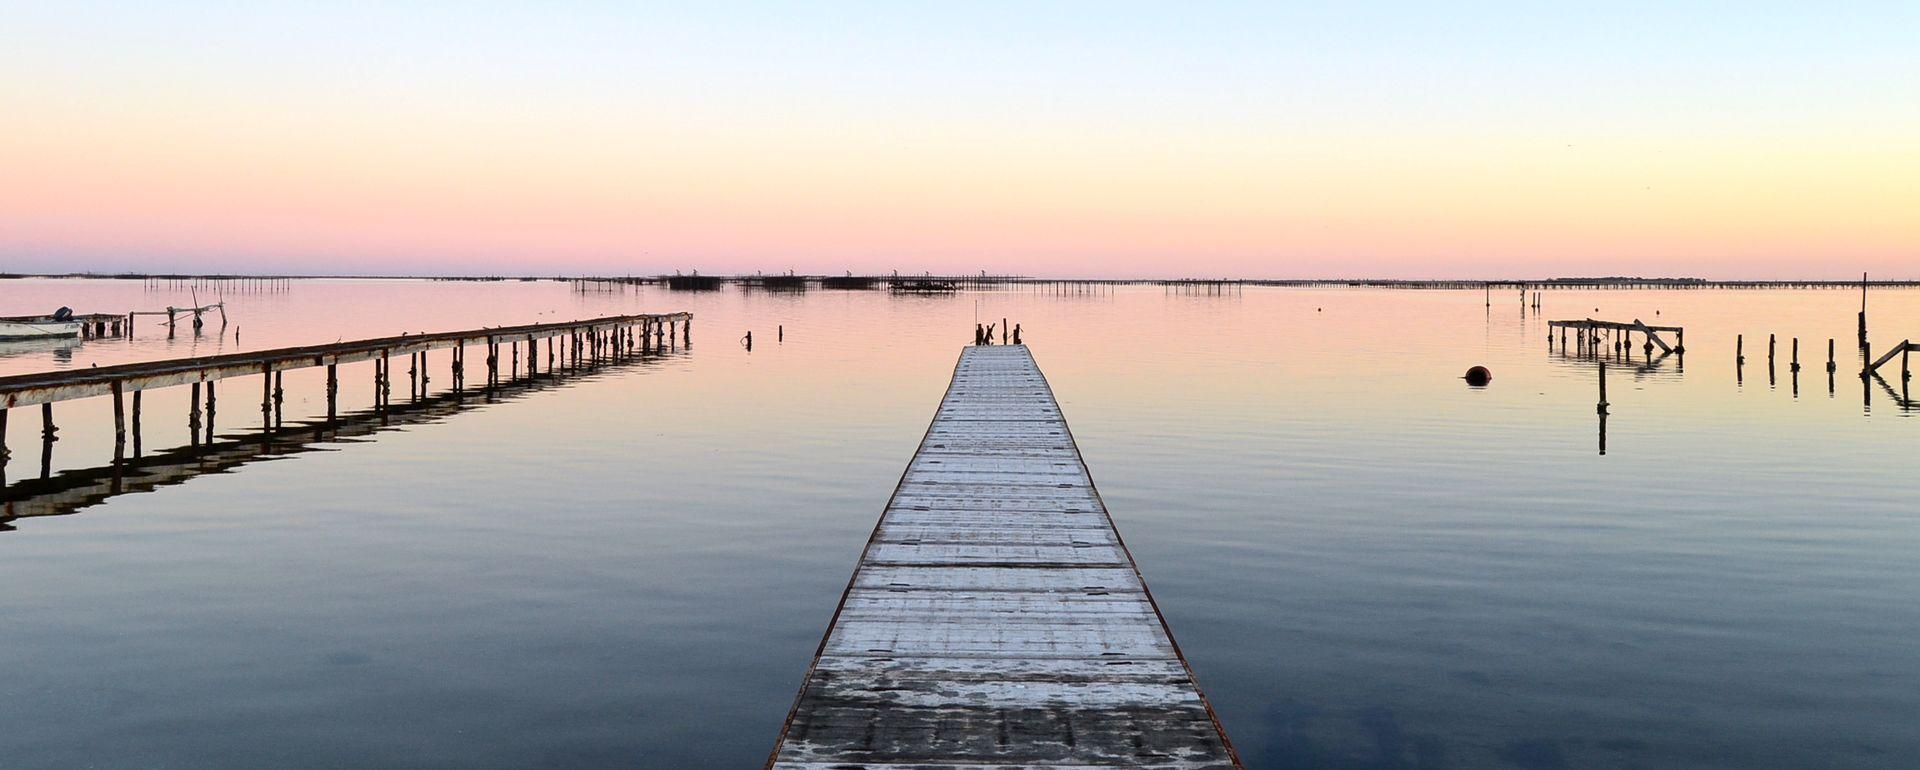 Coucher de soleil sur l'étang de Thau - Vue du ponton - Maison Tarbouriech